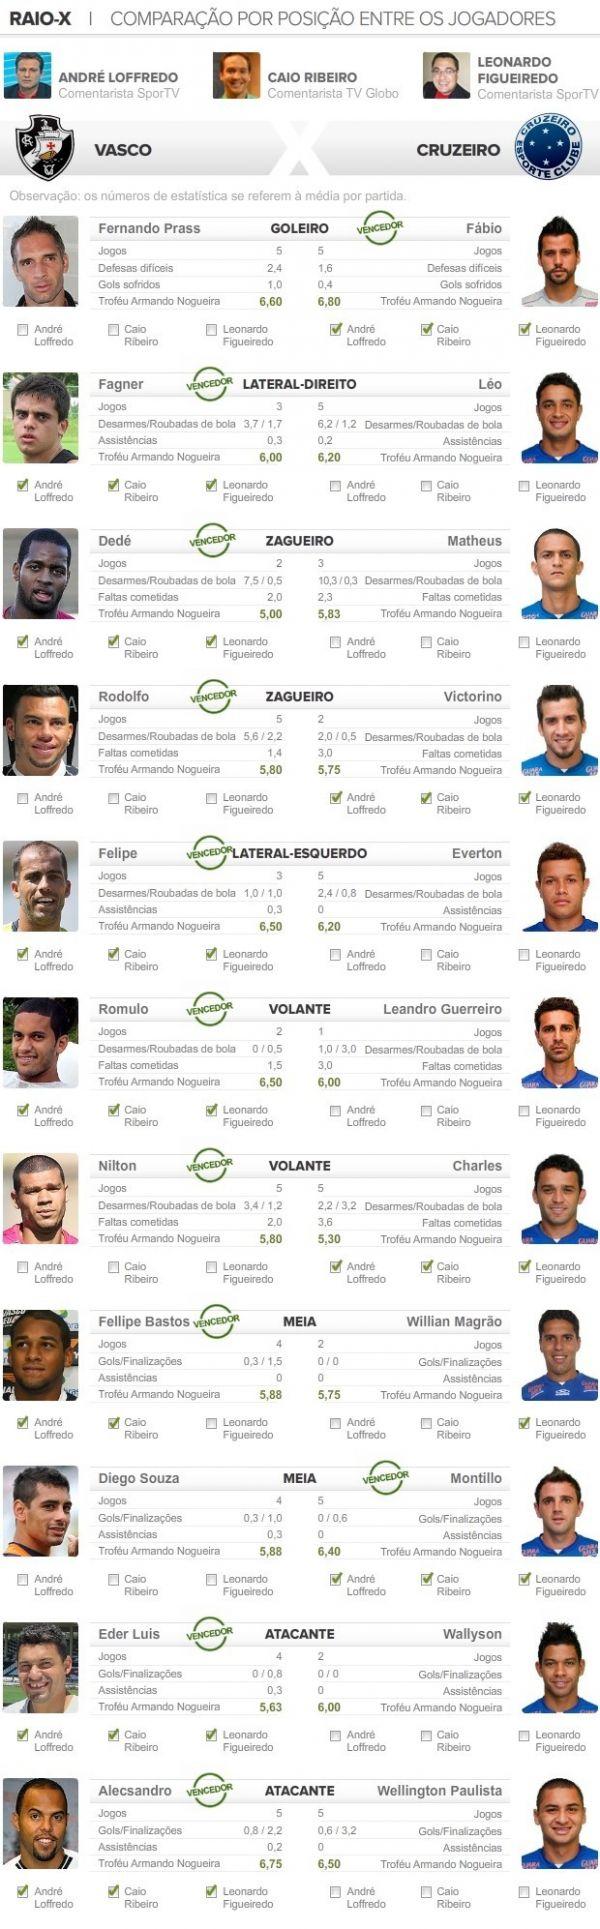 Raio-X: Vasco leva a melhor sobre o Cruzeiro em nove das 11 disputas